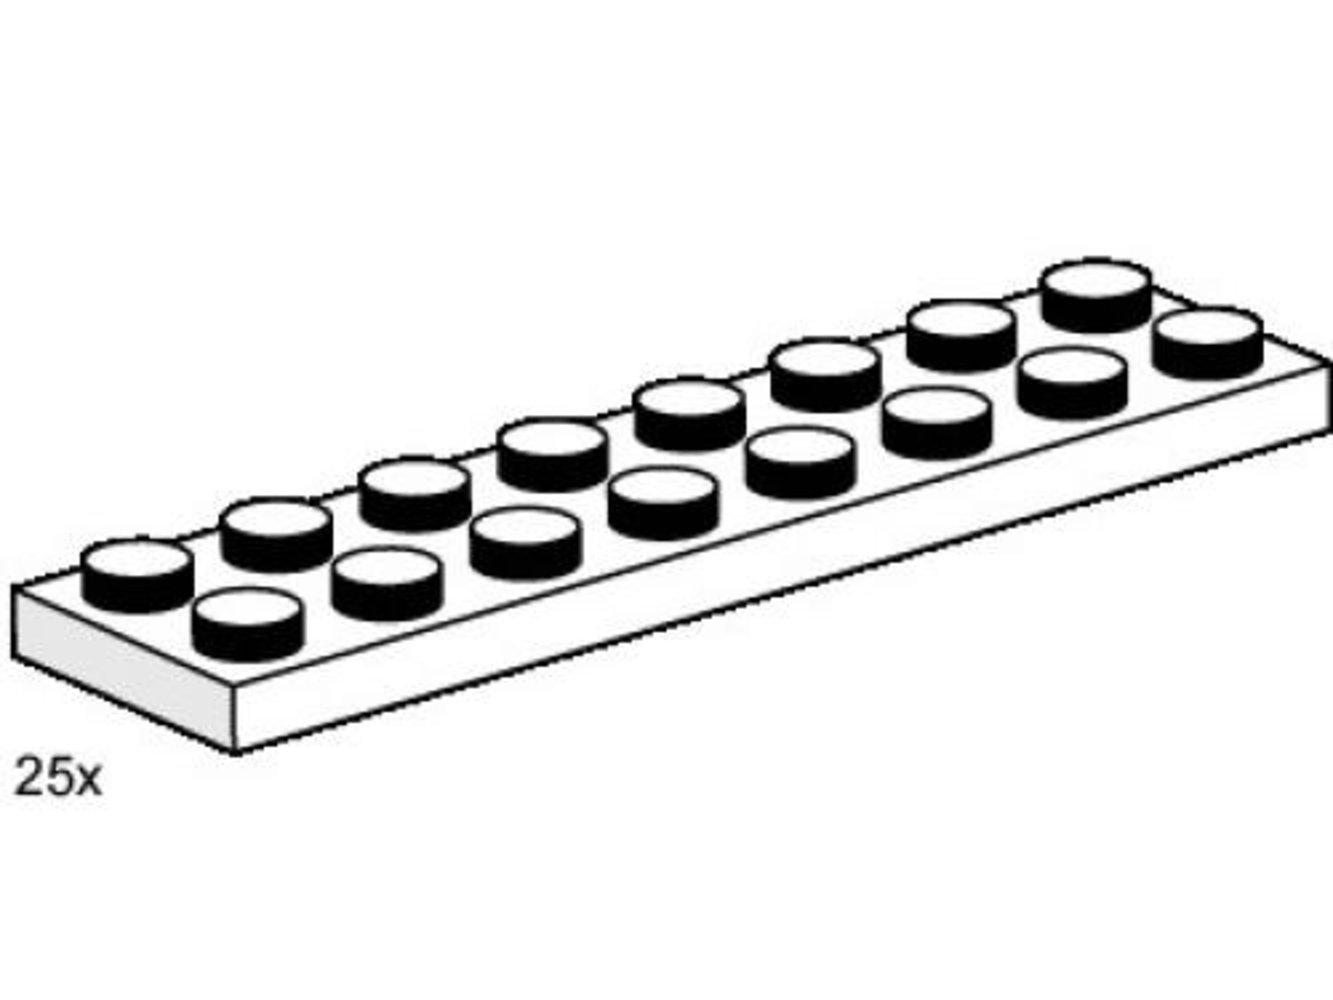 2 x 8 White Plates